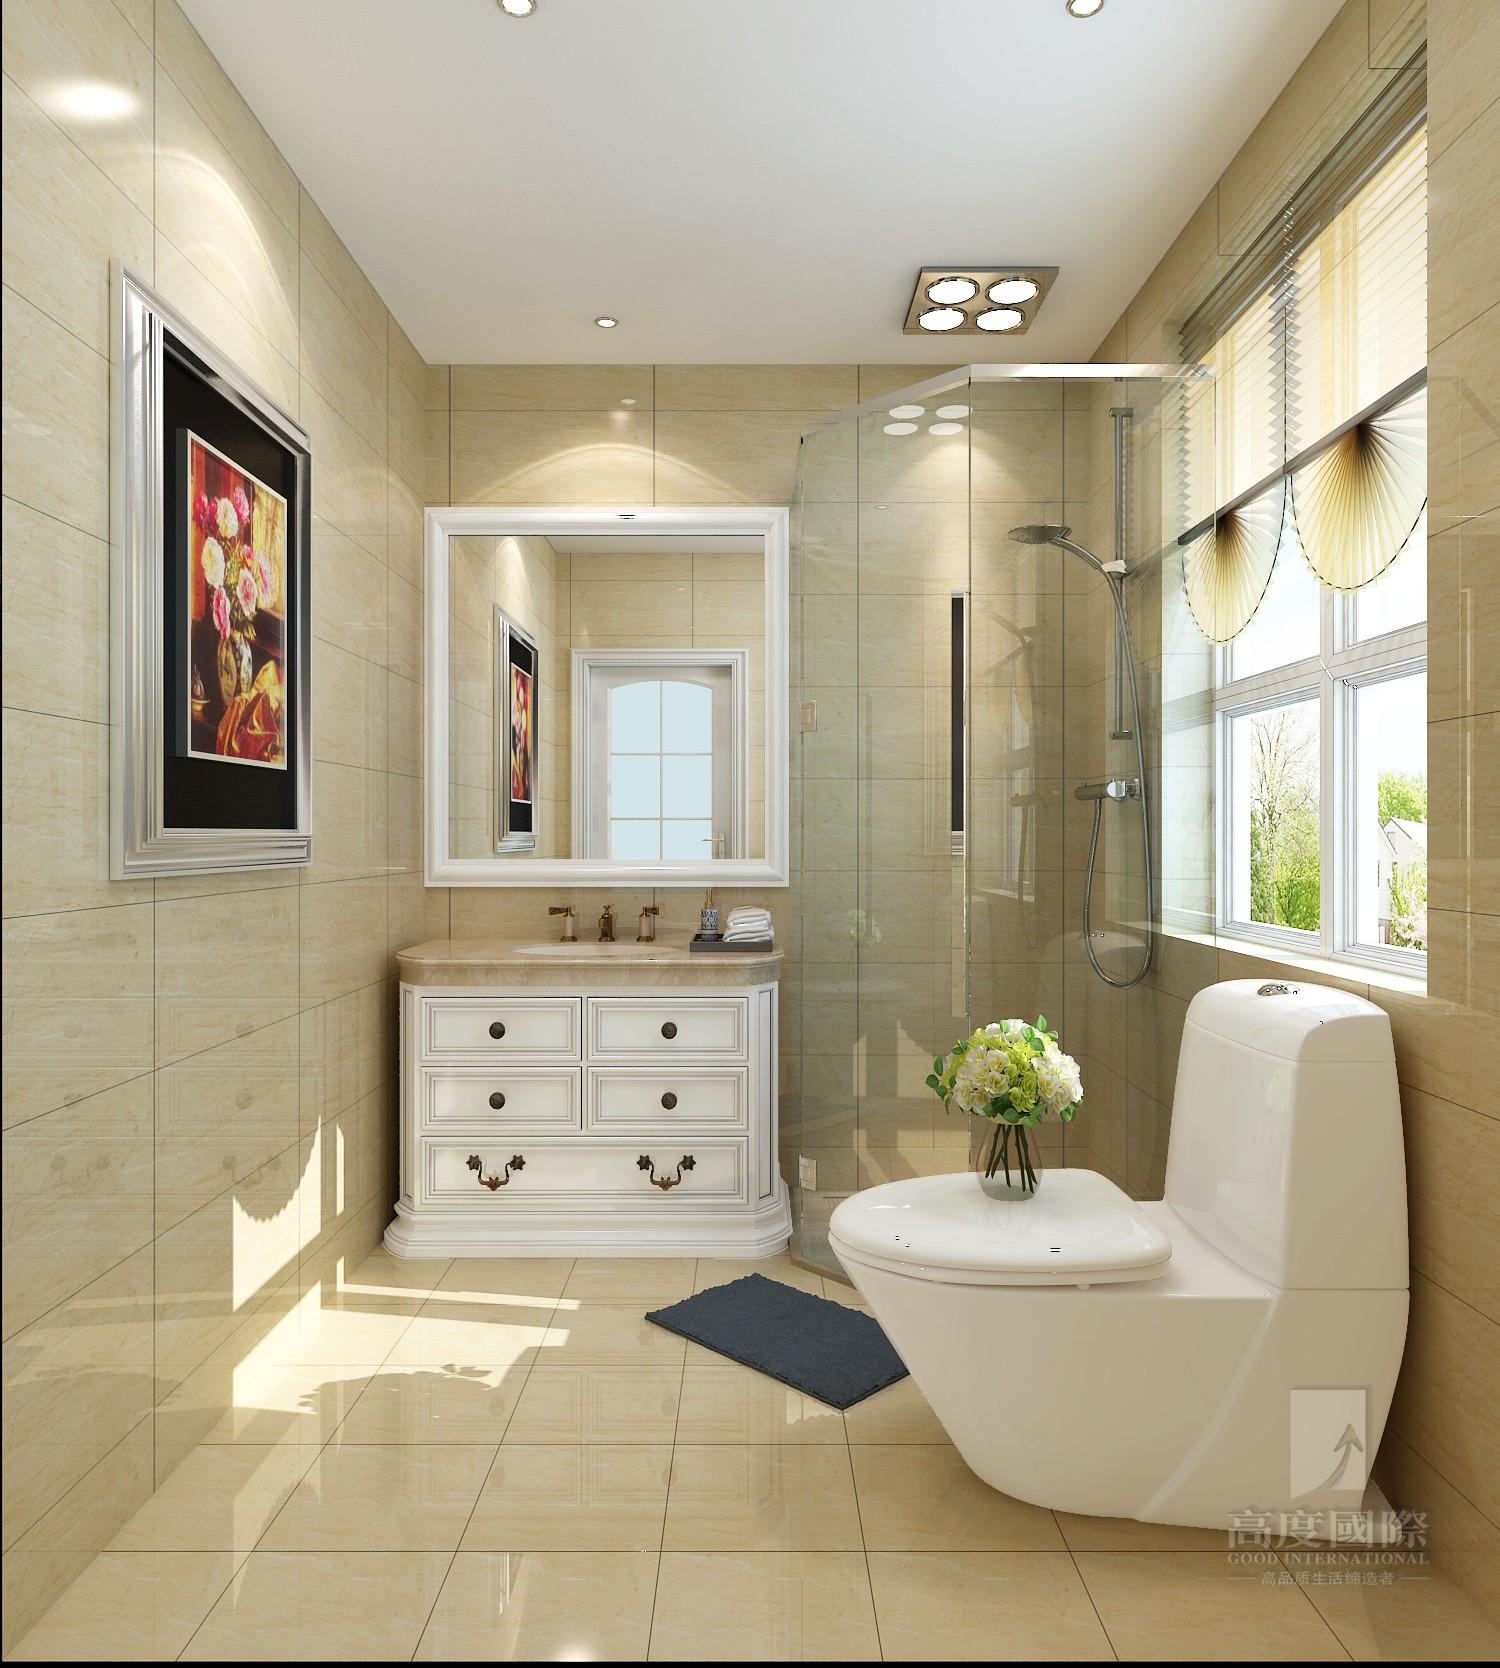 欧式 别墅 高度国际 卫生间图片来自杭州别墅装修设计在富春玫瑰园350方别墅欧式风格的分享